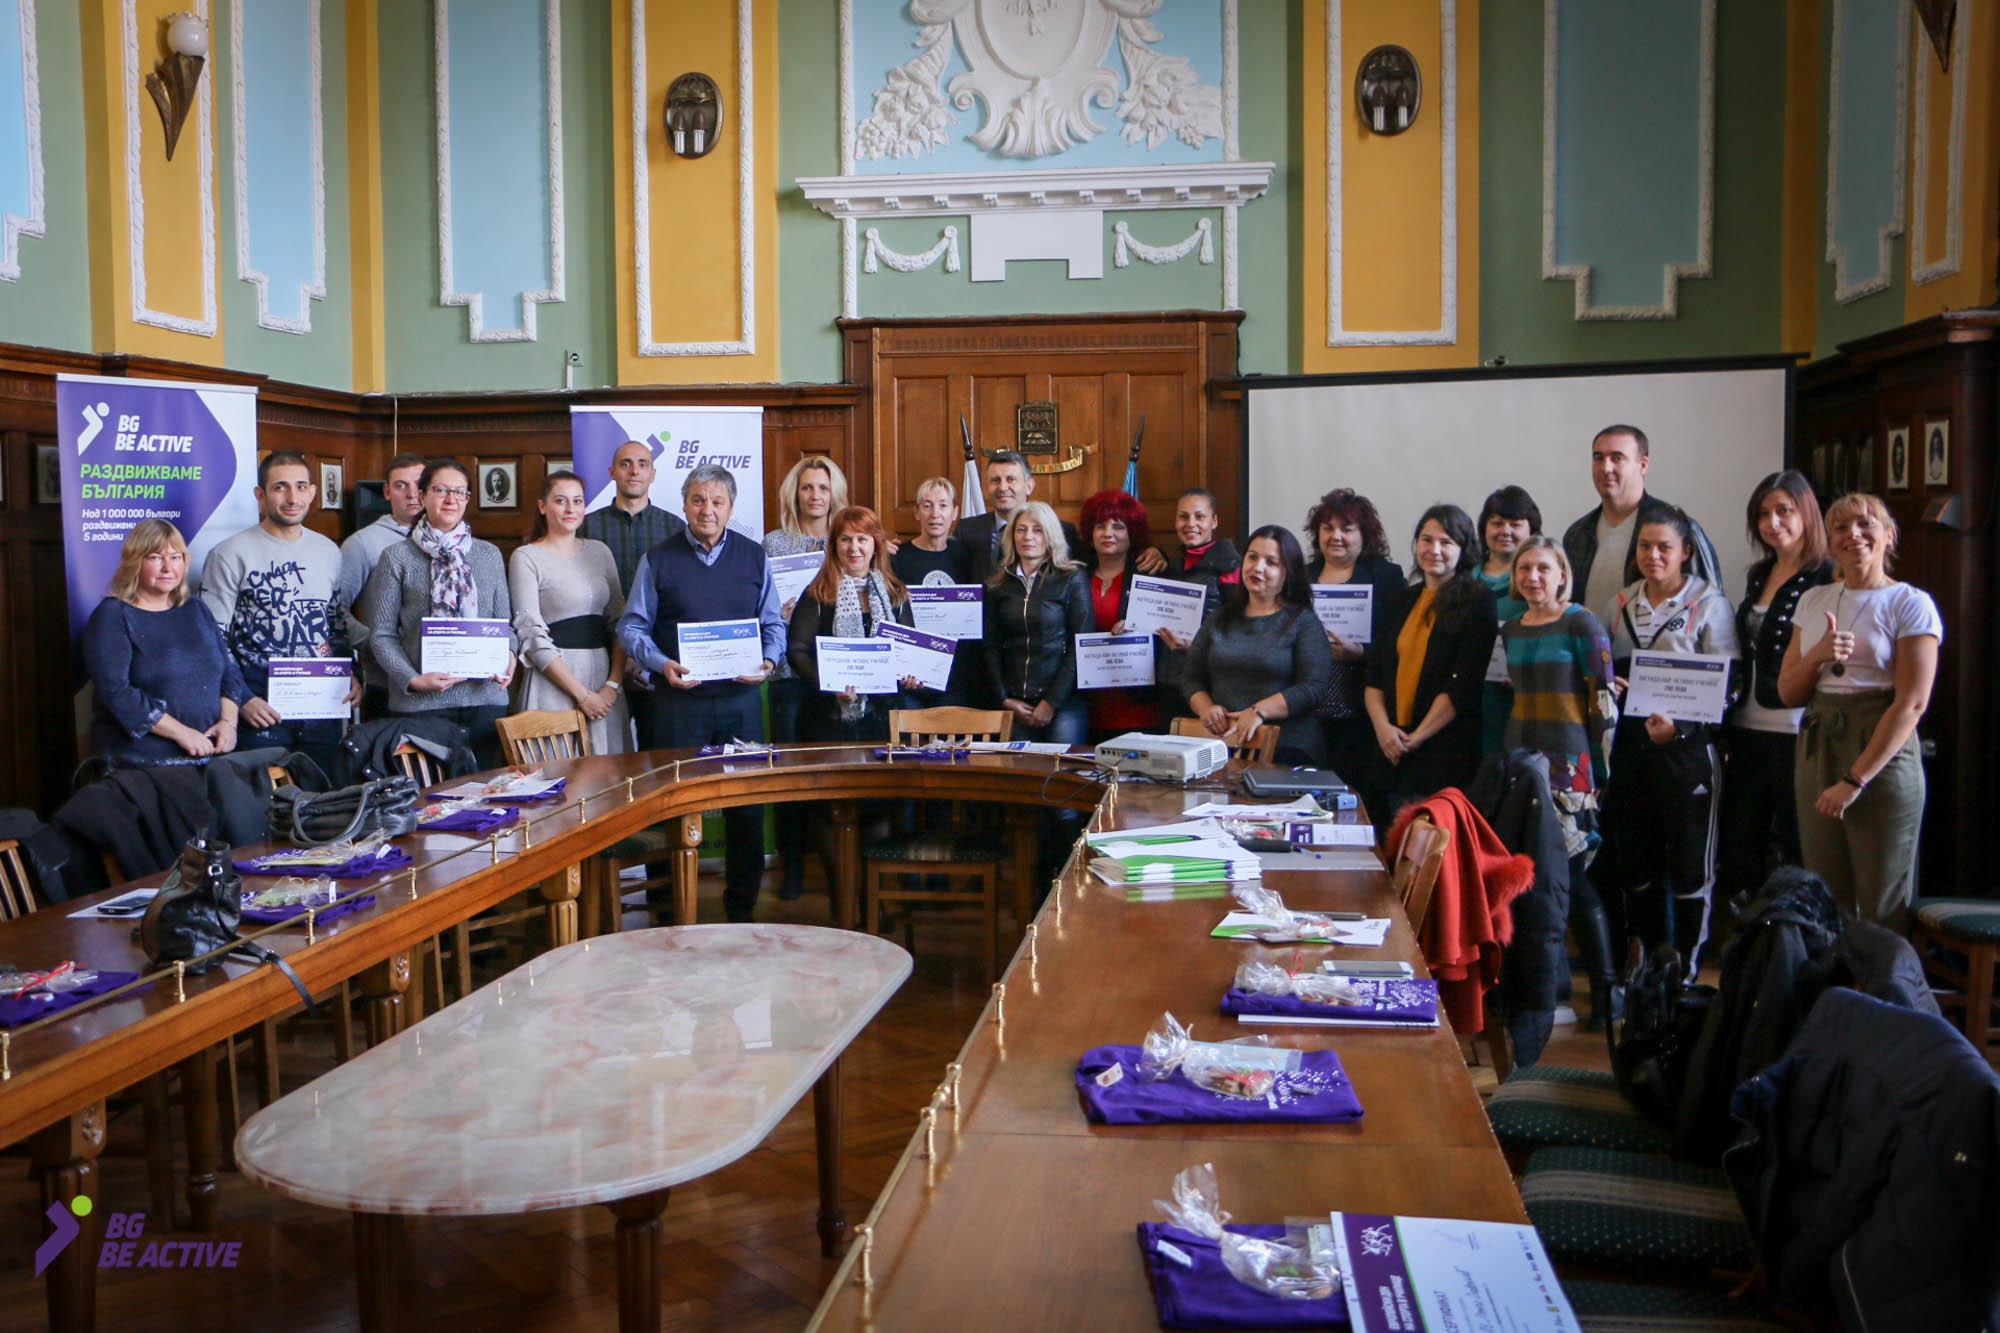 Сдружение BG Бъди активен награди най-активните училища от